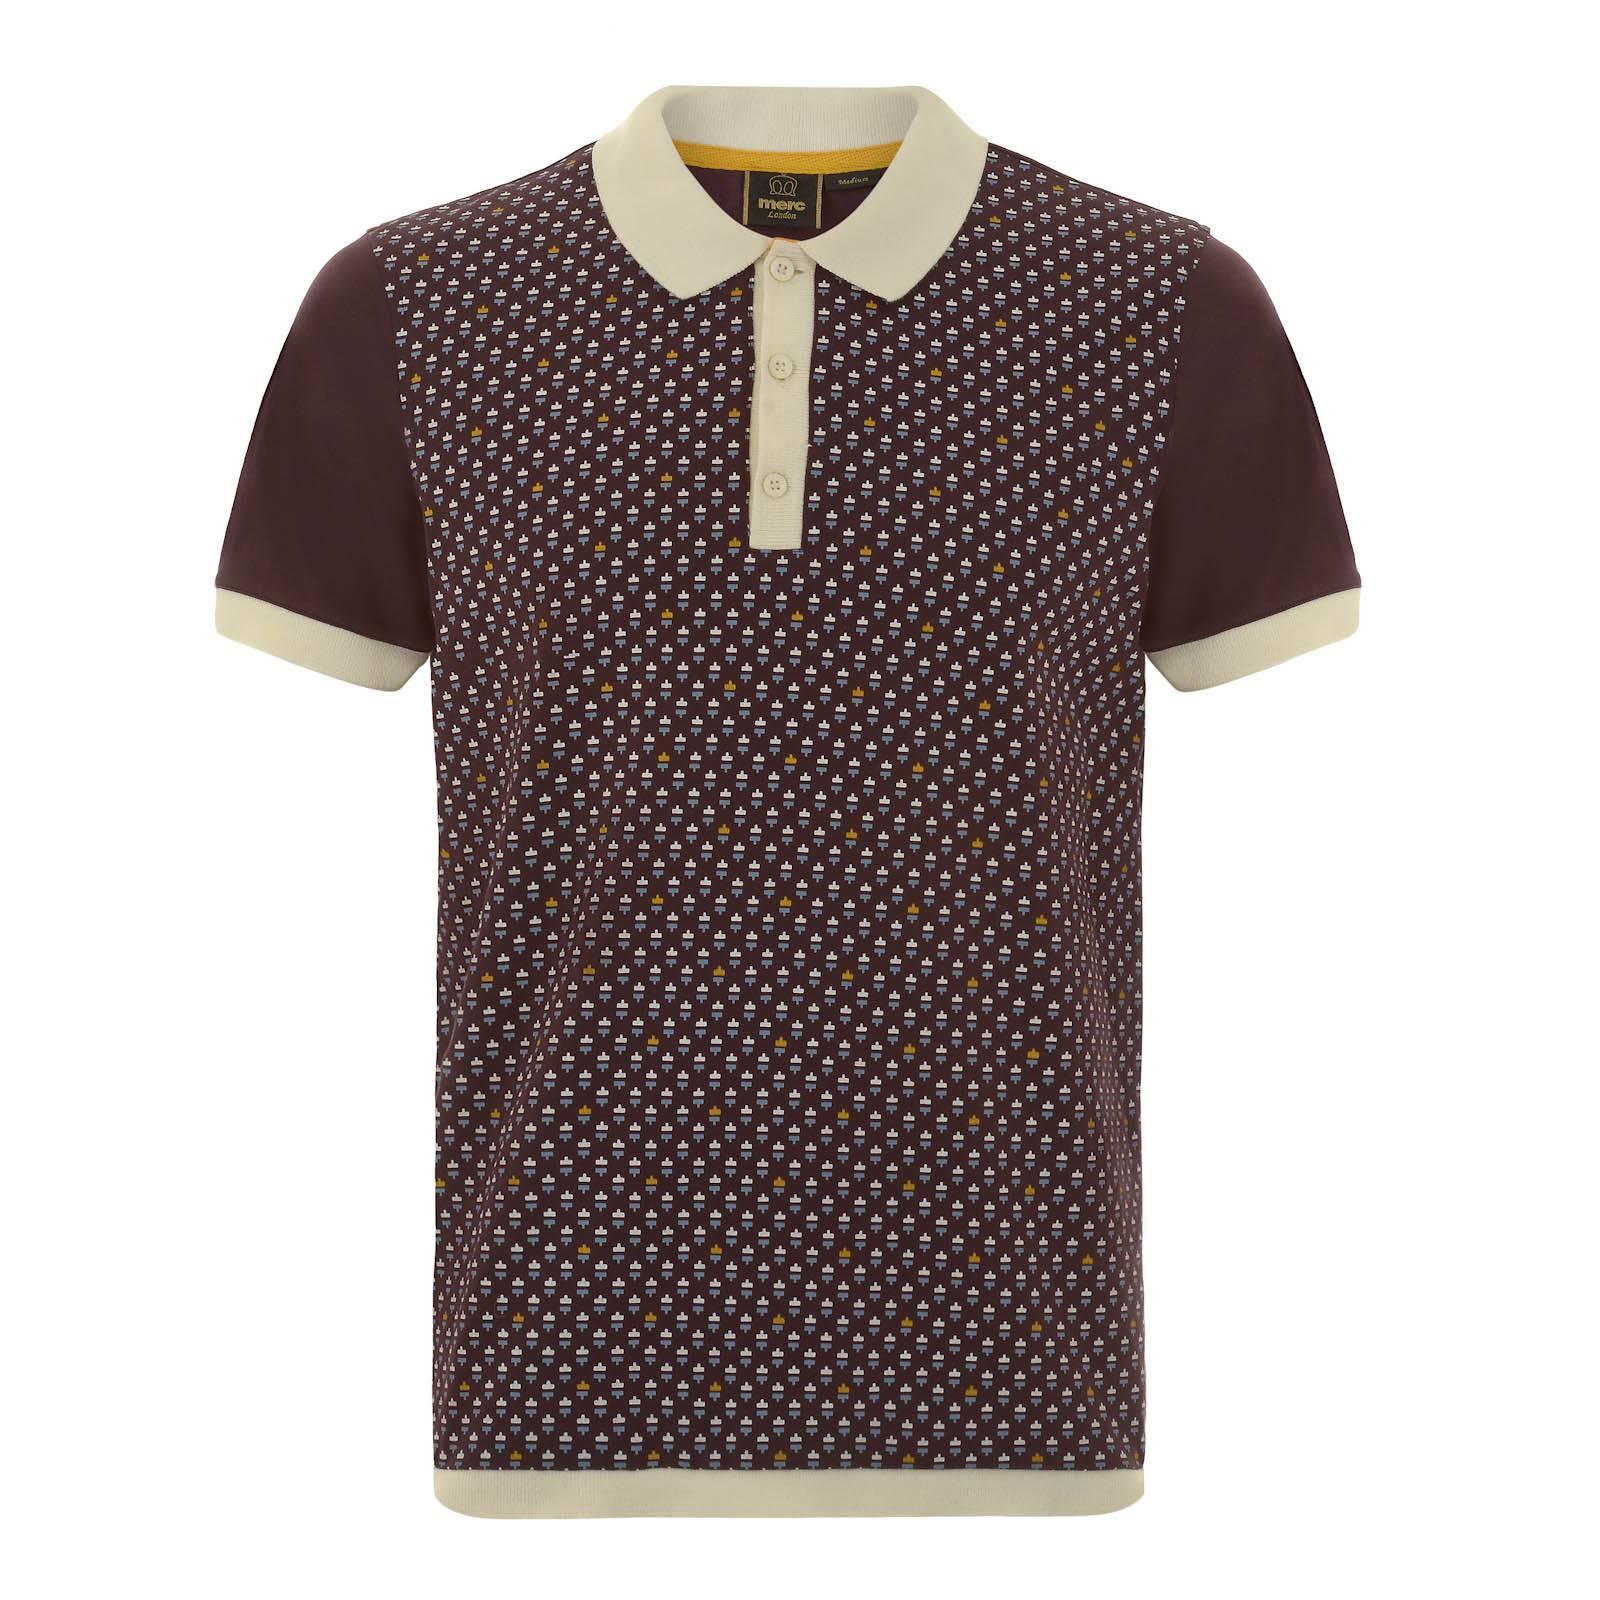 Рубашка Поло PanamaПоло<br><br><br>Артикул: 1915108<br>Материал: 100% хлопок<br>Цвет: ивово-коричневый<br>Пол: Мужской